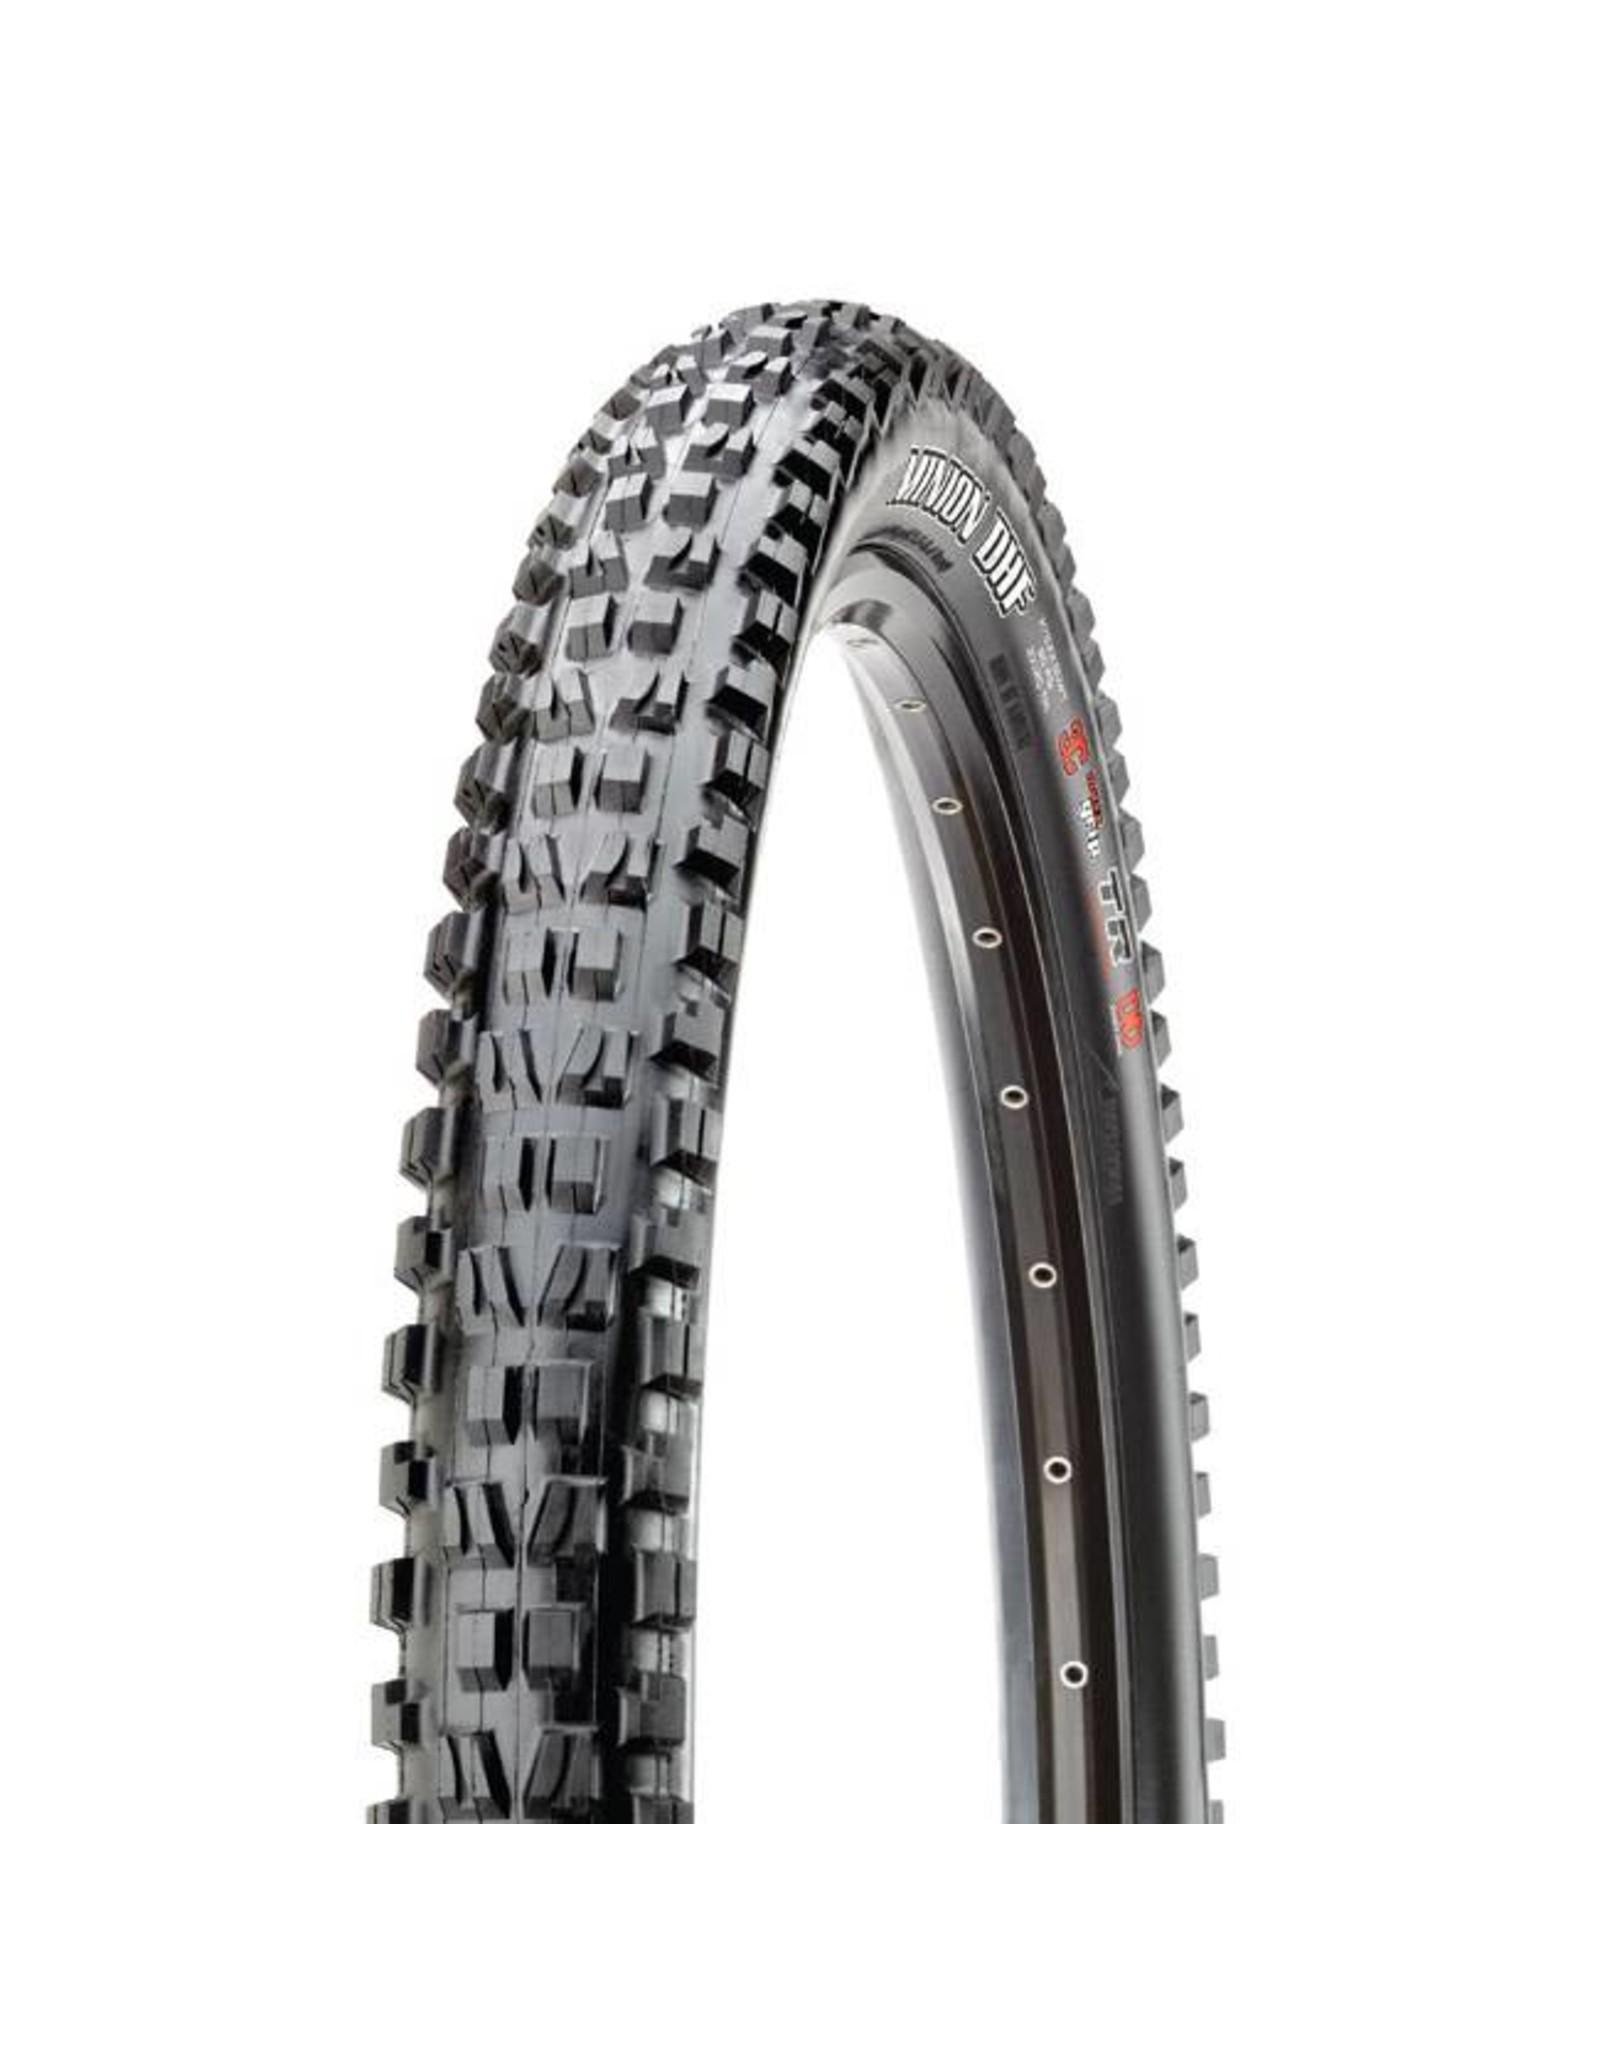 """Maxxis Maxxis Minion DHF Tire: 27.5 x 2.60"""", Folding, 120tpi, 3C, EXO, Tubeless Ready, Black"""